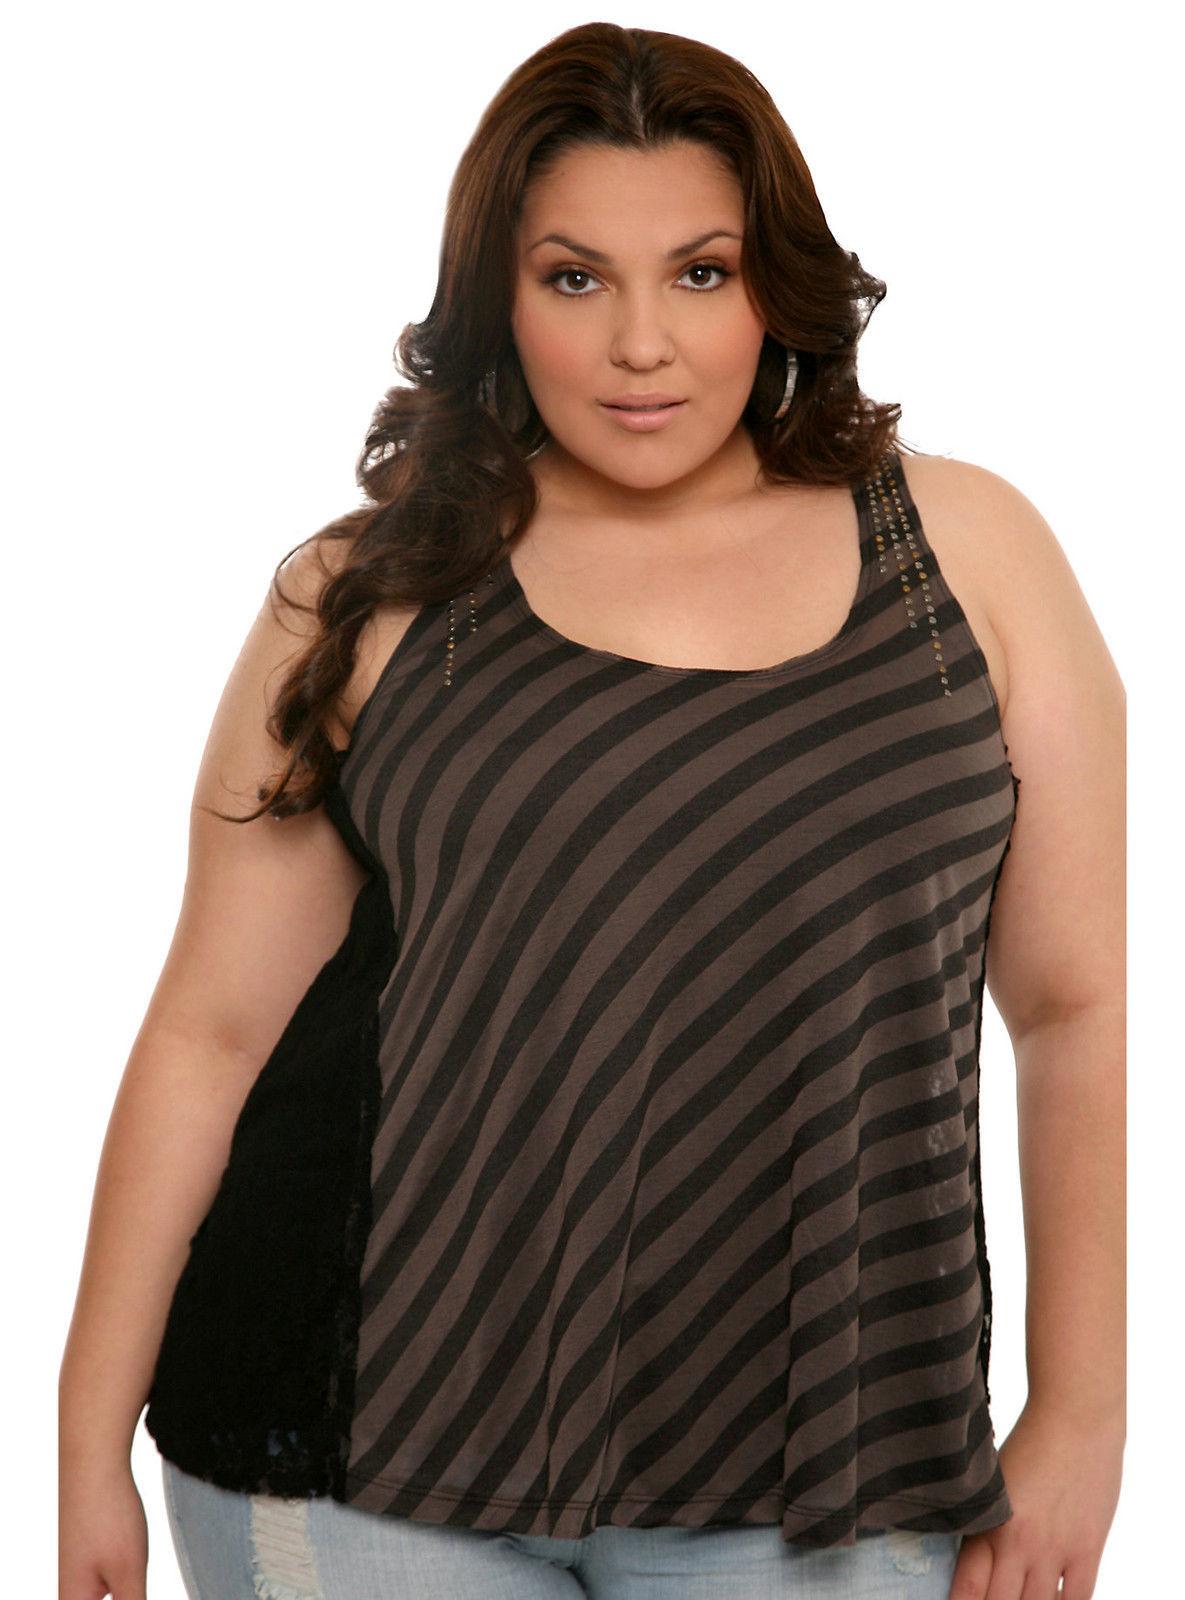 Torrid Size 3 Black Striped Lace Insert 3X 22 24 NWT Tank Top - $31.12